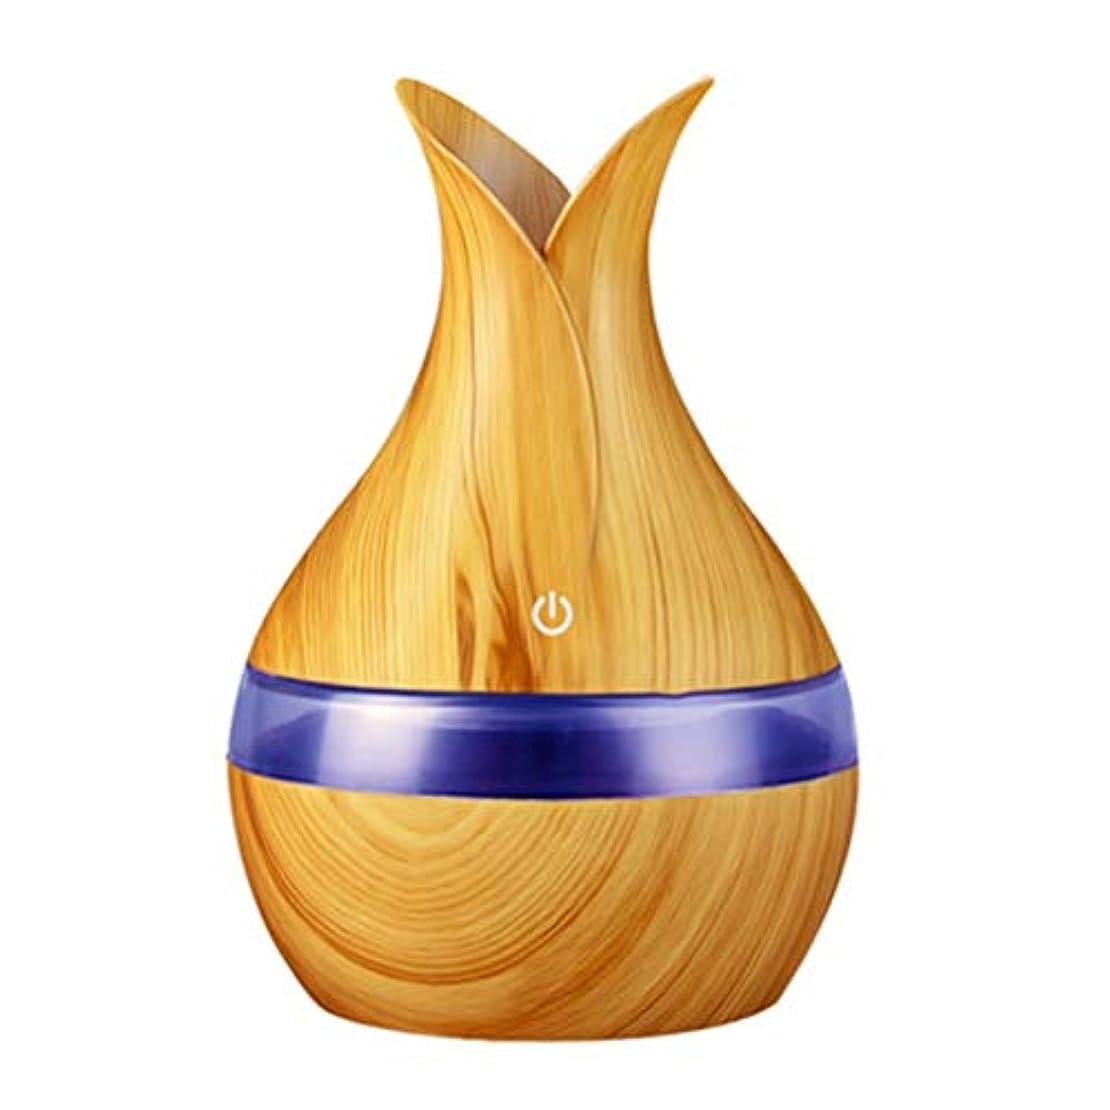 動詞錆びしゃがむ300ミリリットル超音波クールミスト加湿器カラーLEDライト付き自宅、ヨガ、オフィス、スパ、寝室、ベビールームの拡散器 - 木目調子 (Color : Light wood grain, Size : 165mm*110mm)